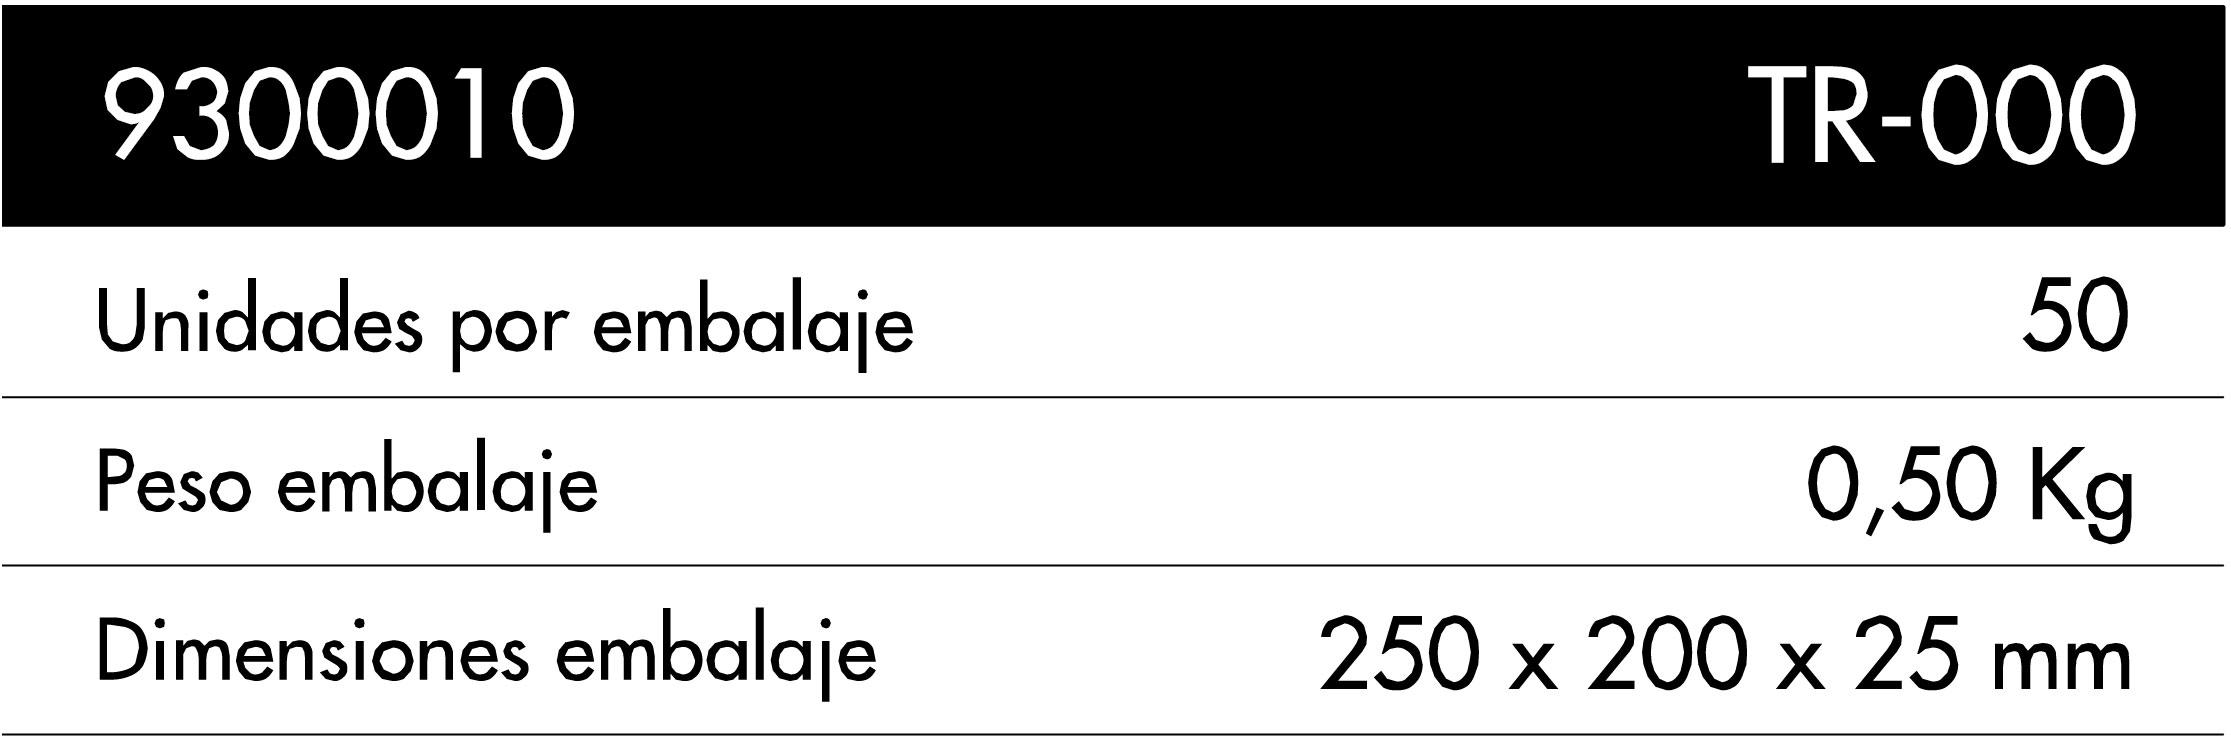 9300010-tablaES.jpg